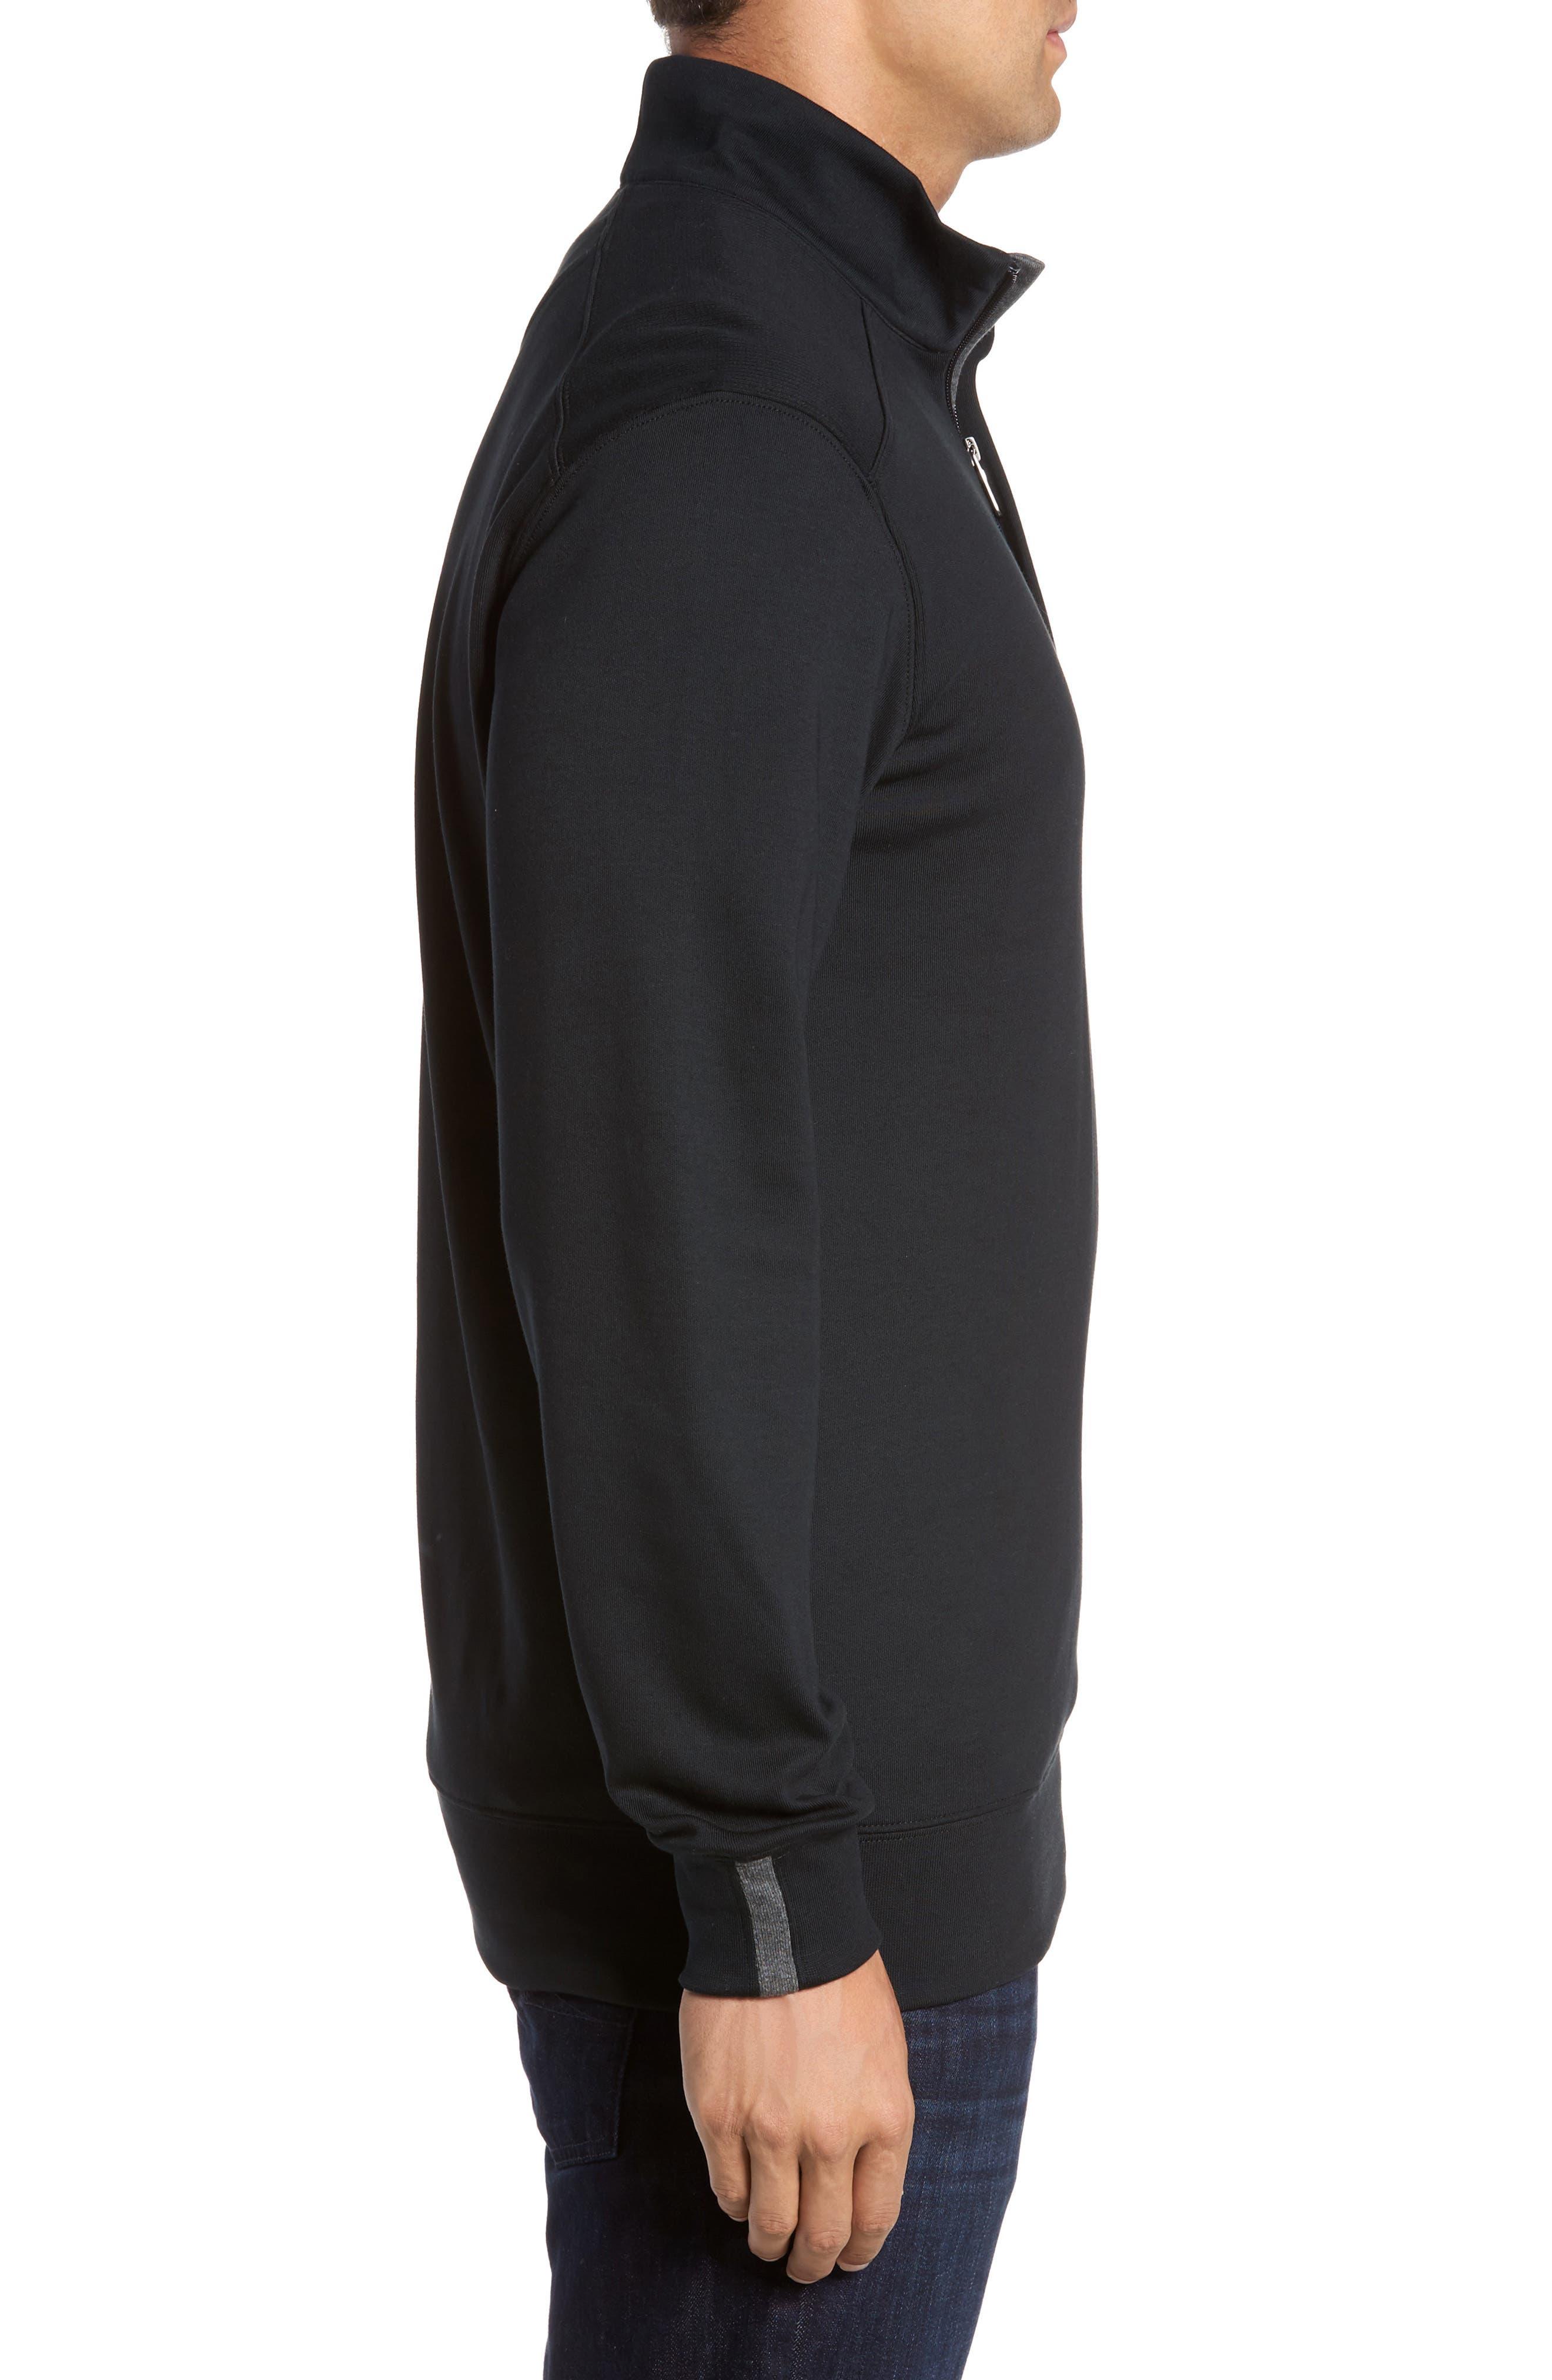 BOBBY JONES, 'New Leaderboard' Quarter Zip Pullover, Alternate thumbnail 3, color, BLACK